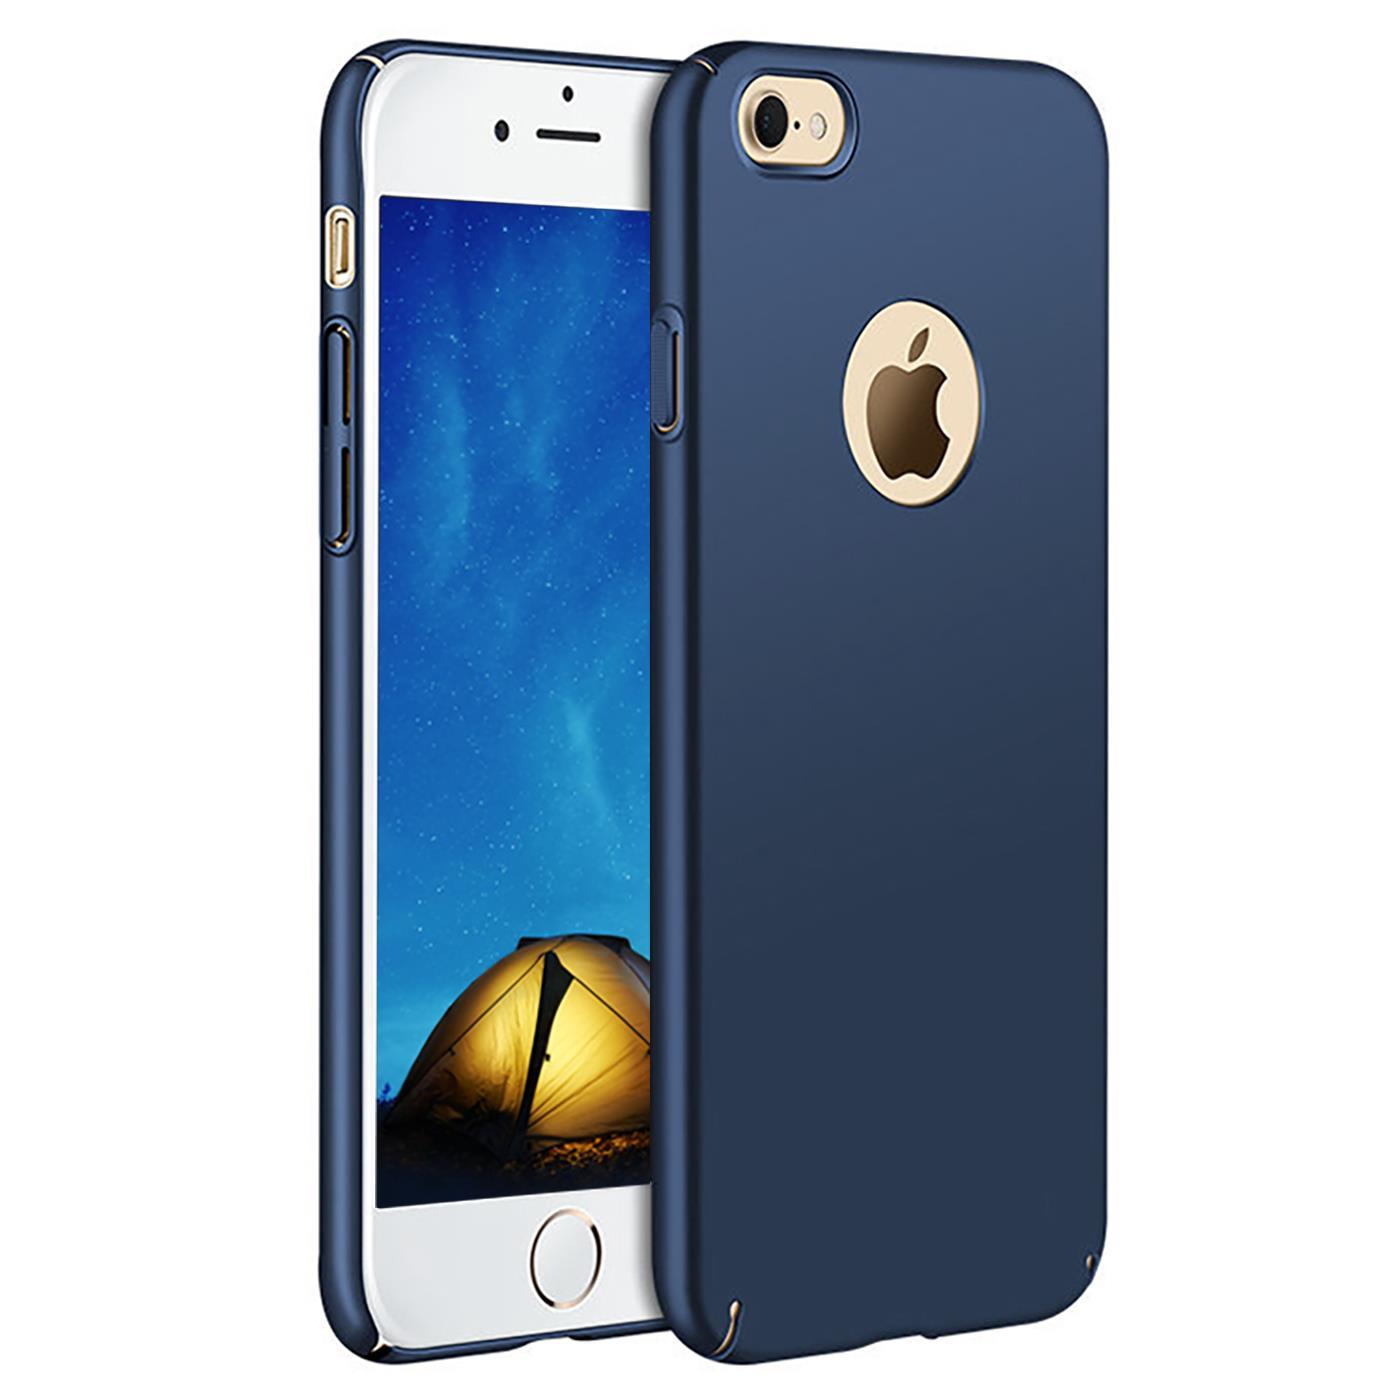 Slim-Cover-Schutzhuelle-Apple-iPhone-Handy-Schutz-Tasche-Huelle-Glas-Panzer-Folie Indexbild 15